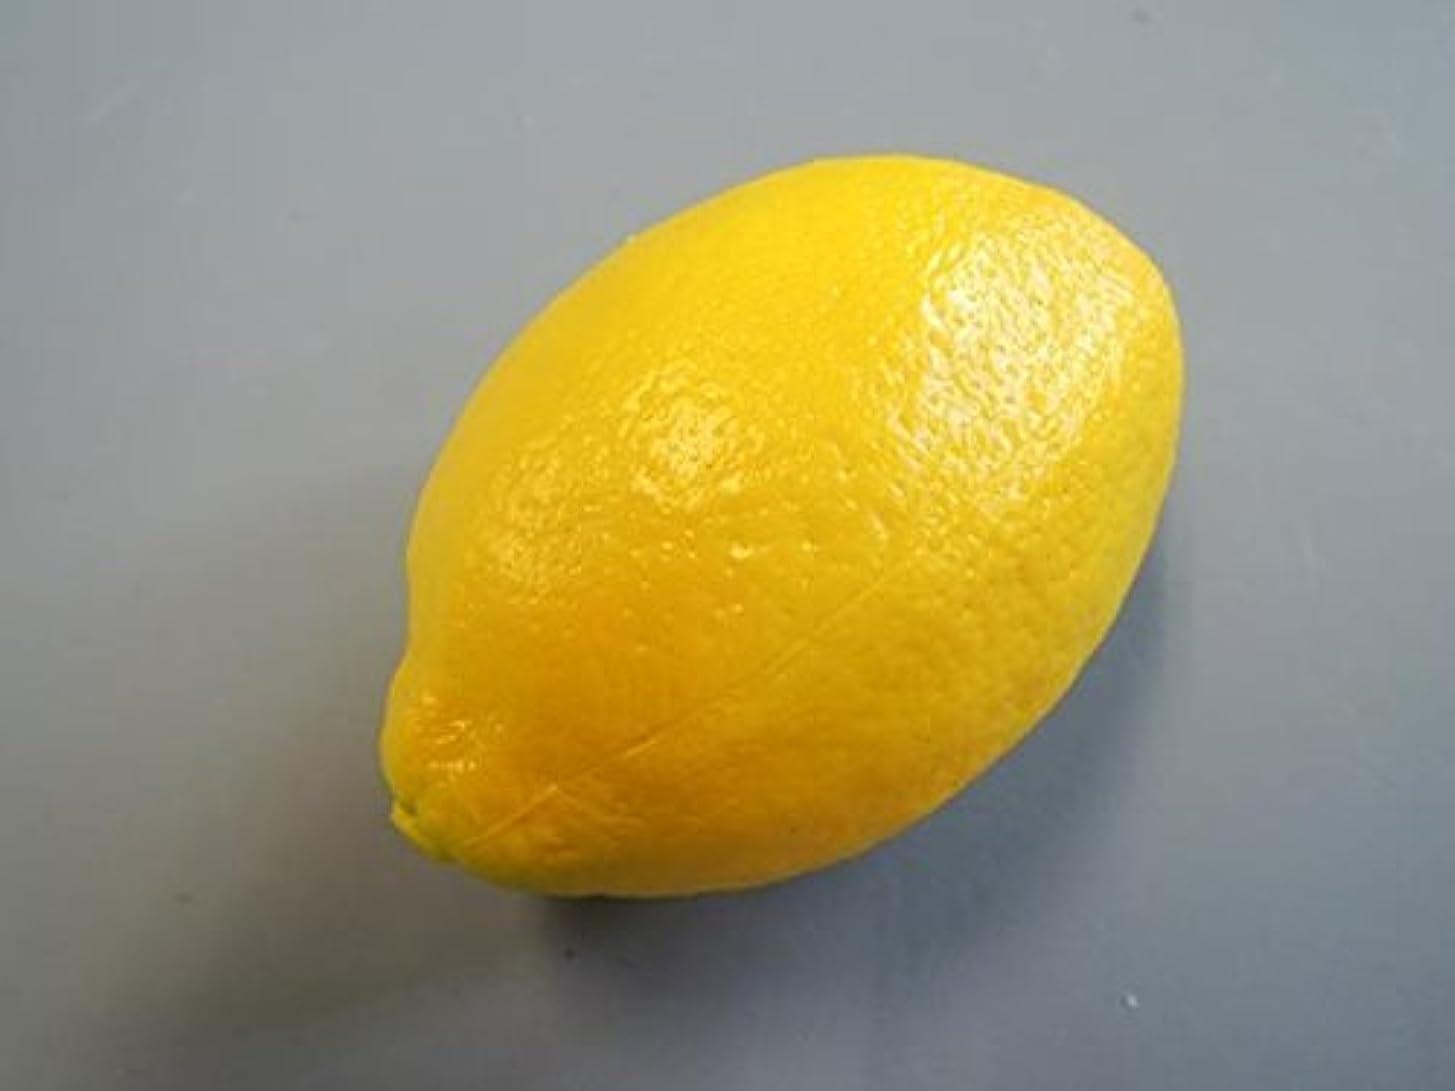 契約する特性牽引日本職人が作る 食品サンプル レモン IP-352